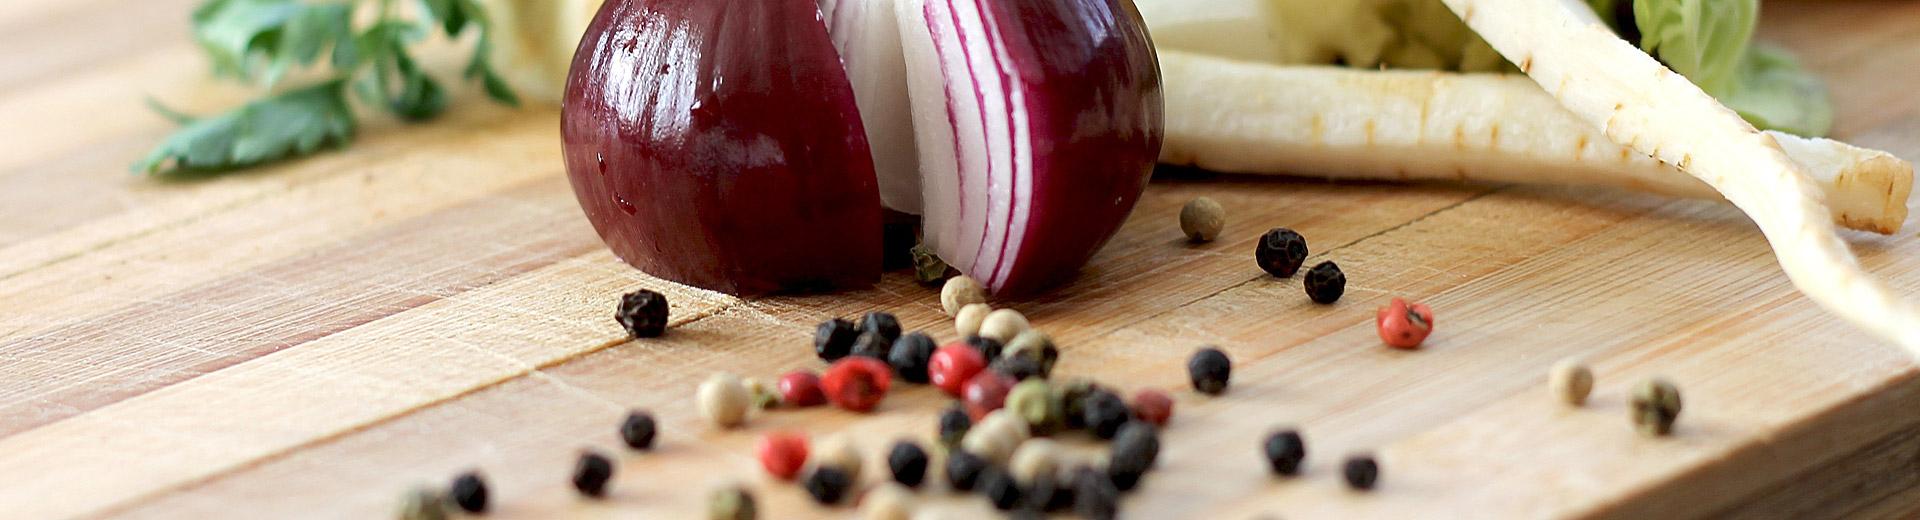 Kryddor i glasburk med kvarn